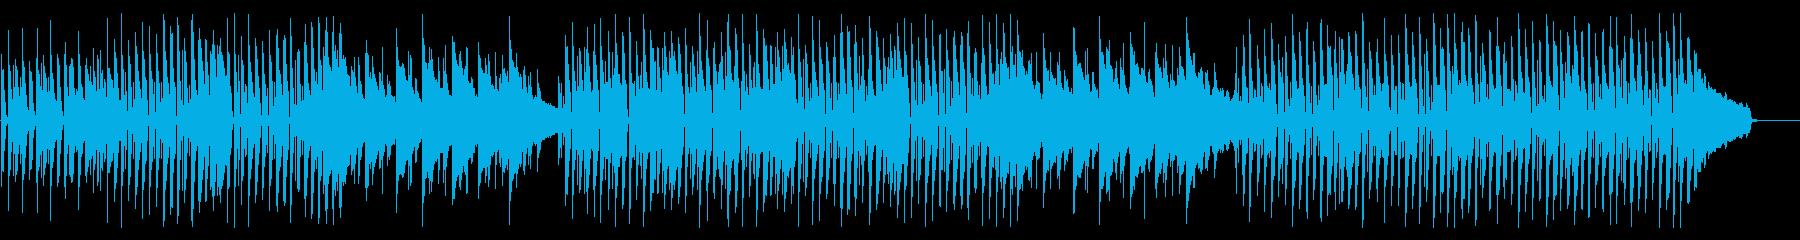 【メロ抜】ほのぼの/楽しいポップス/CMの再生済みの波形